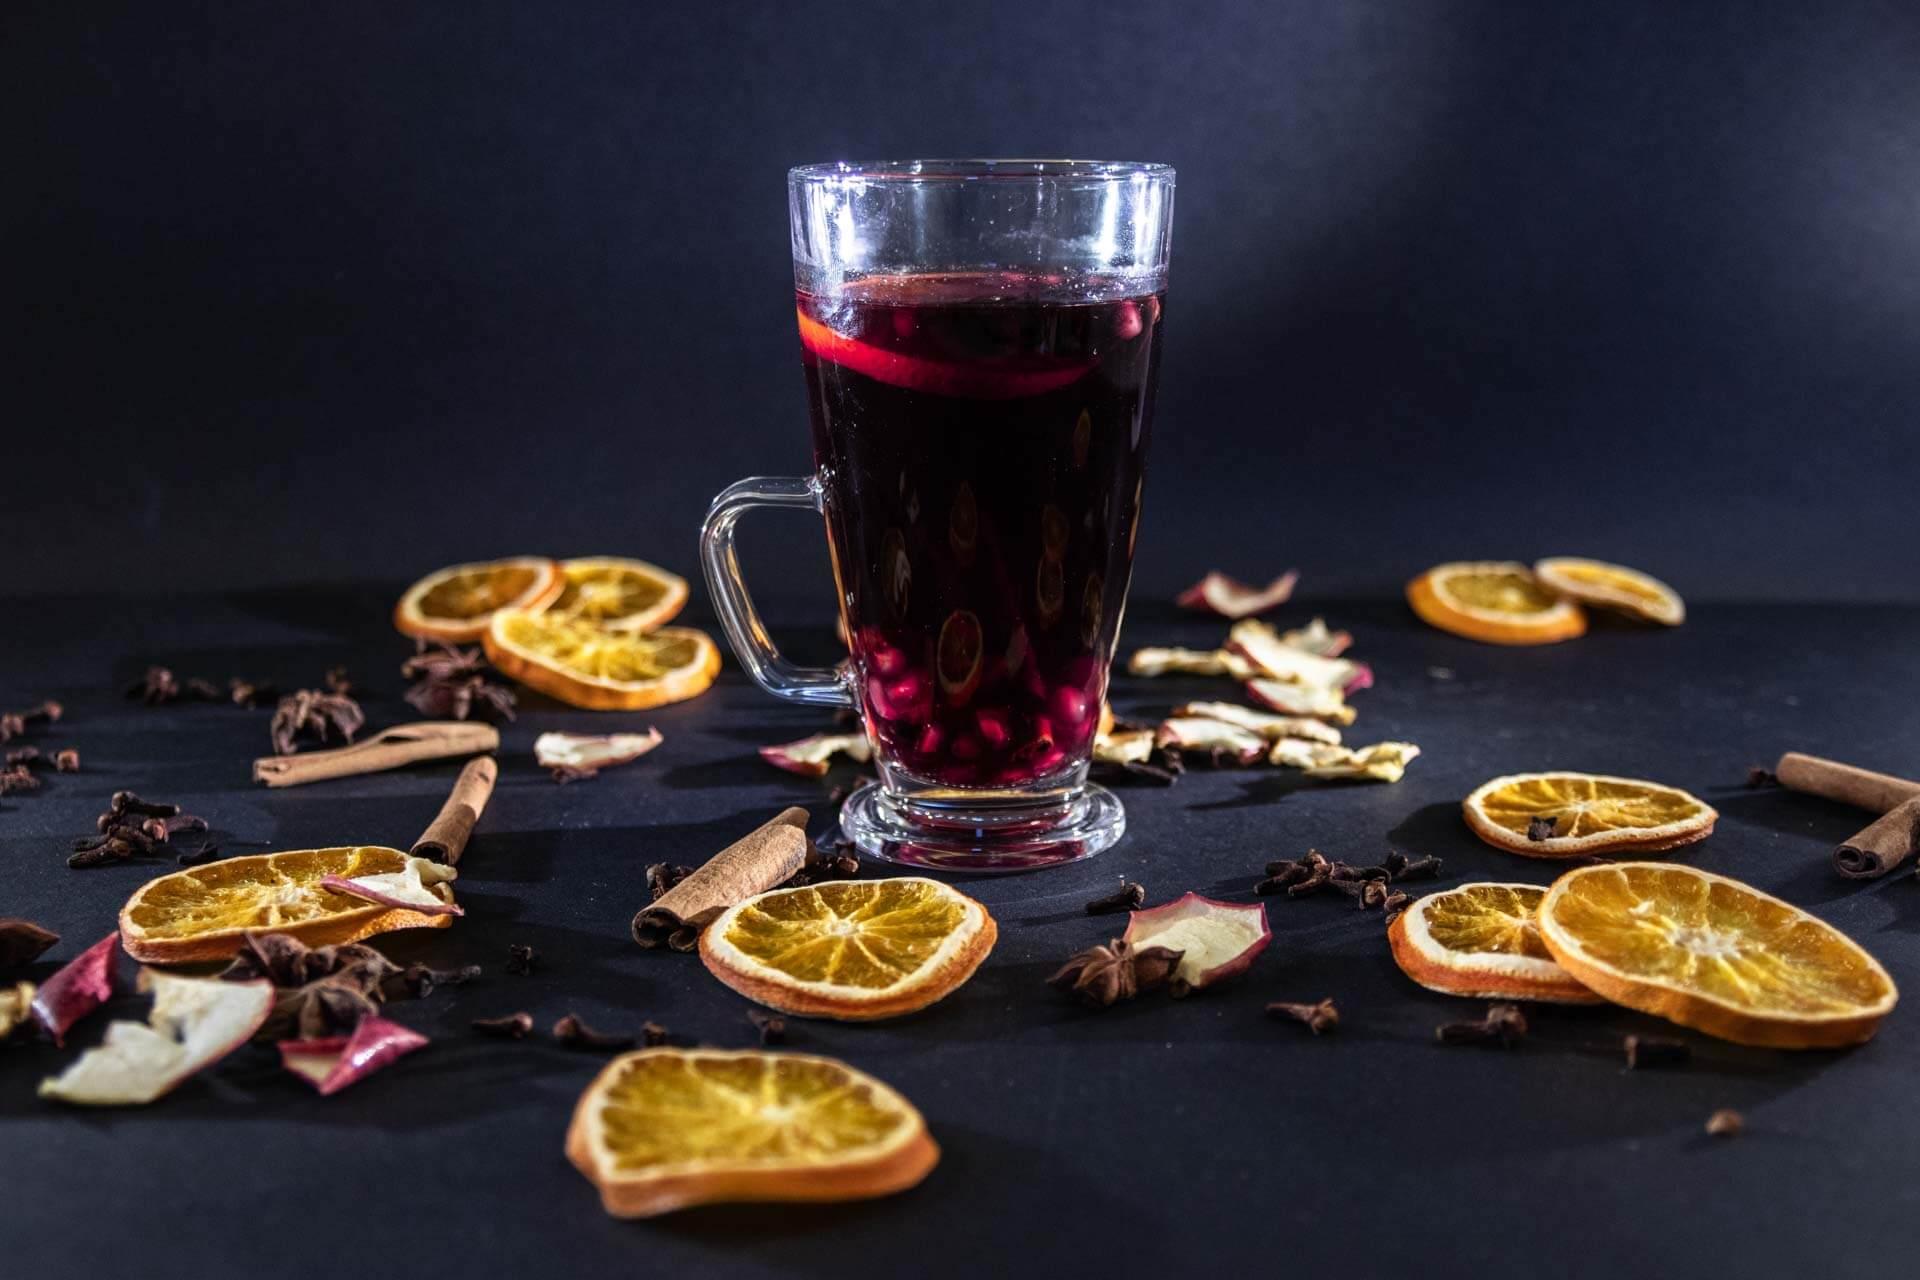 svařák z červeného vína VINIUM ve sklenici